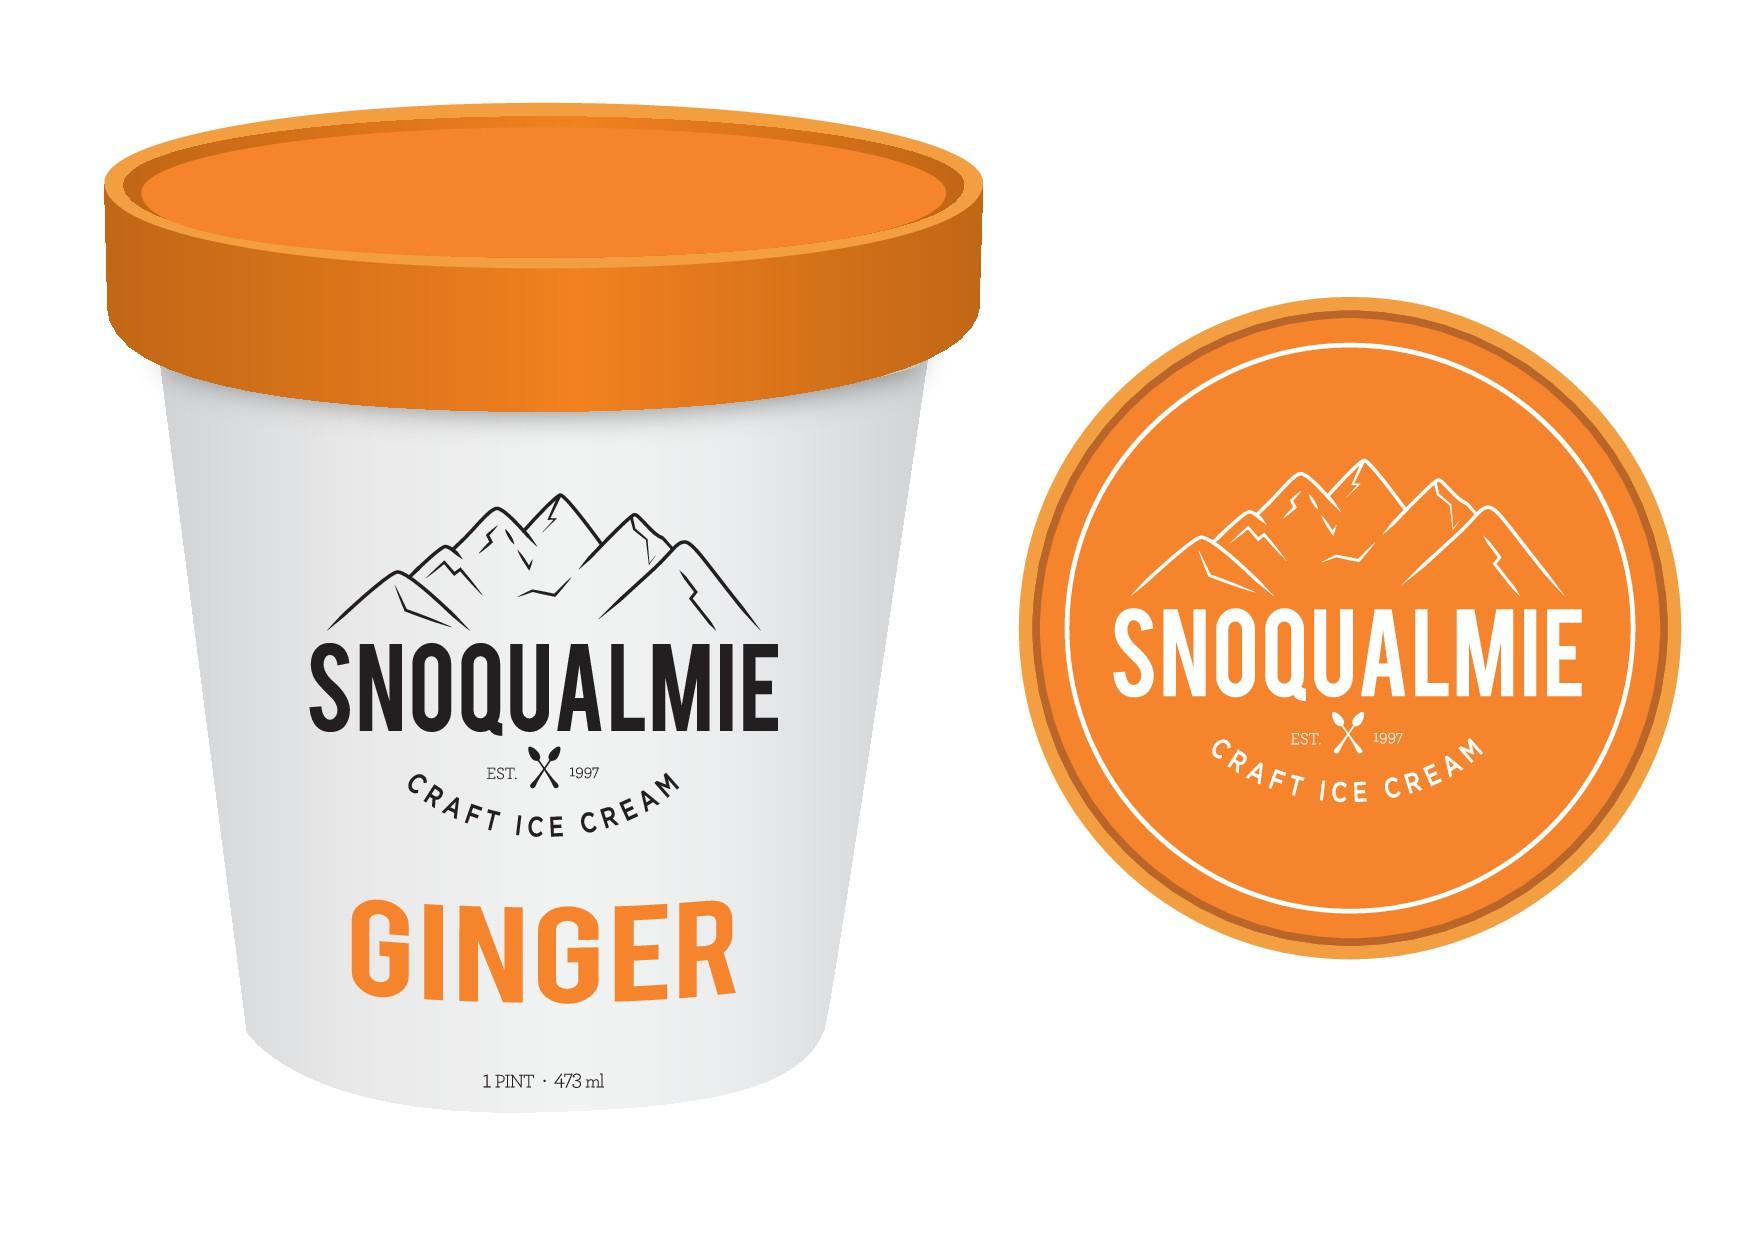 Super-Premium Ice Cream Label Design